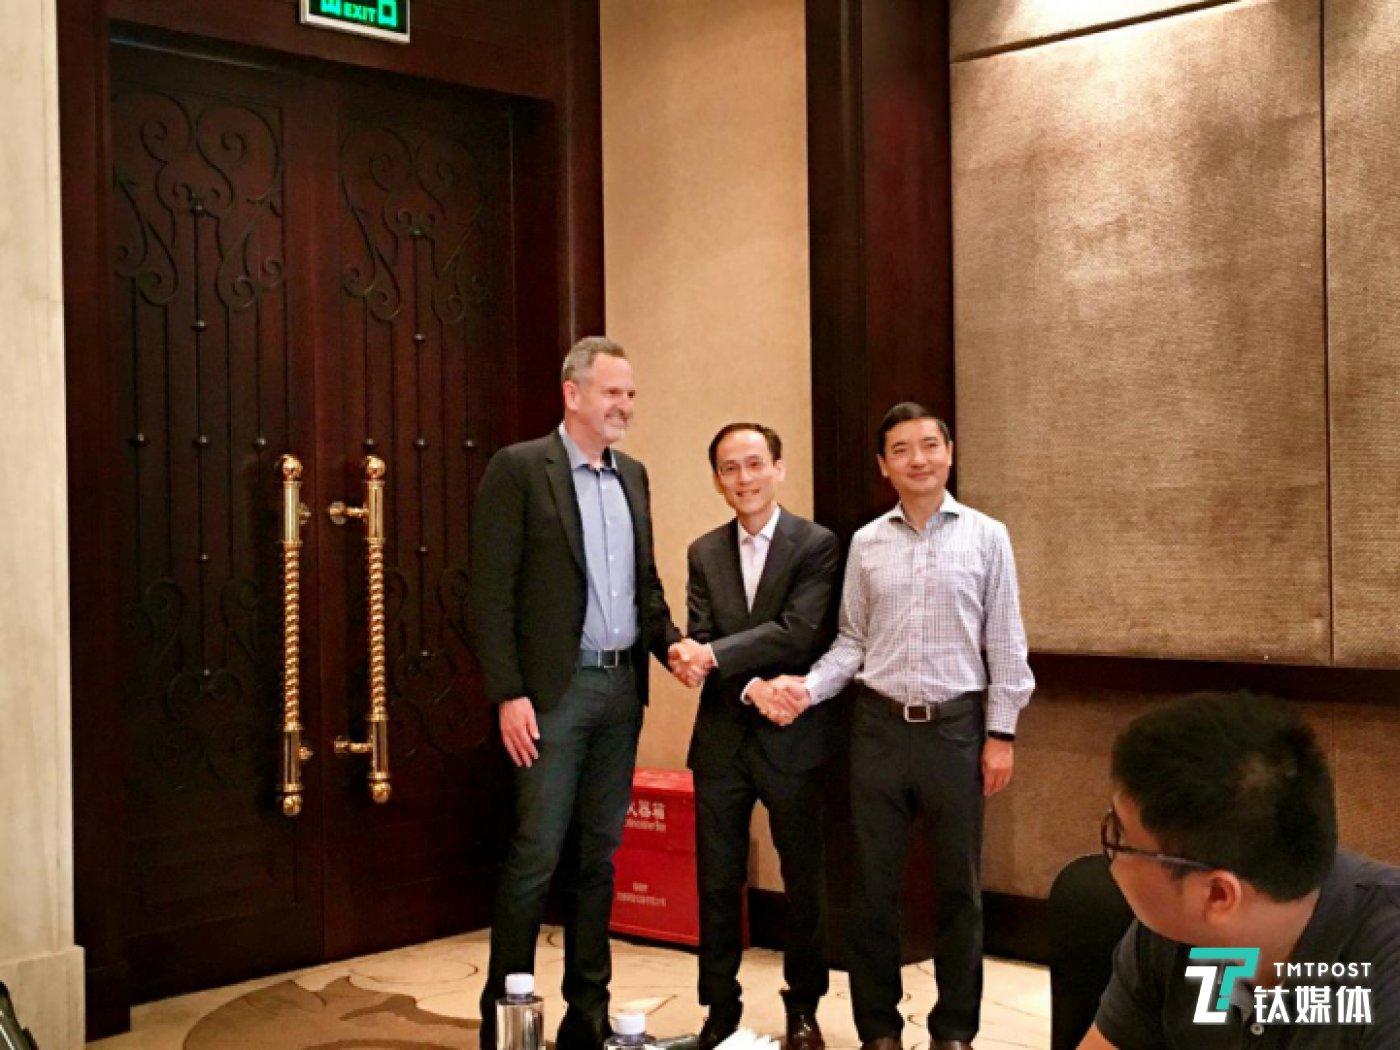 Arm IP事业部总裁Rene Haas,海思CIO刁焱秋,安谋中国CEO吴雄昂